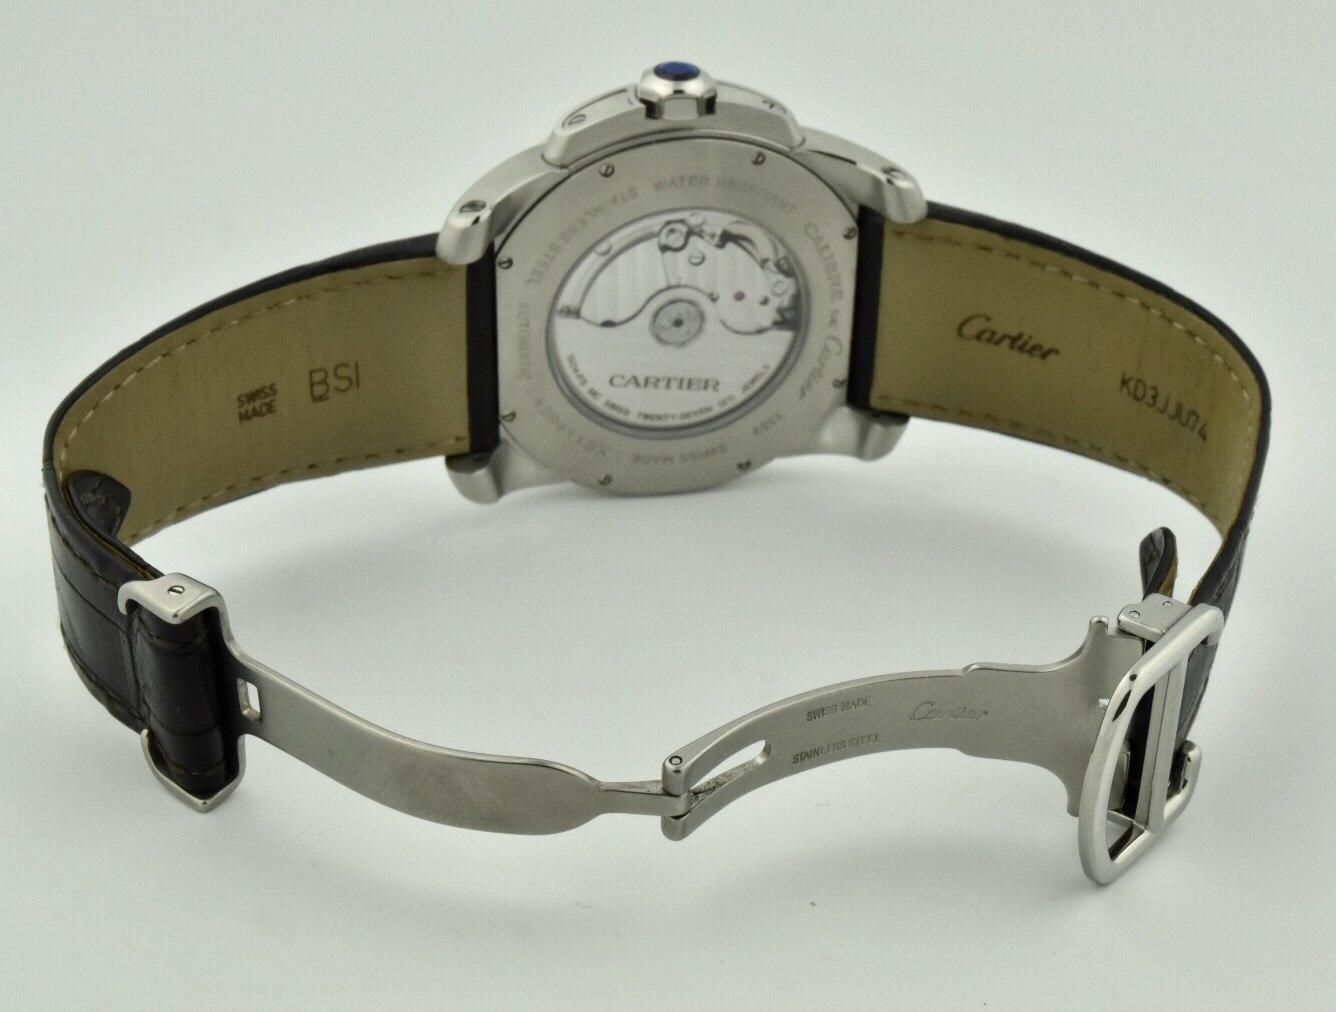 IMG 7608 - Cartier Calibre de Cartier